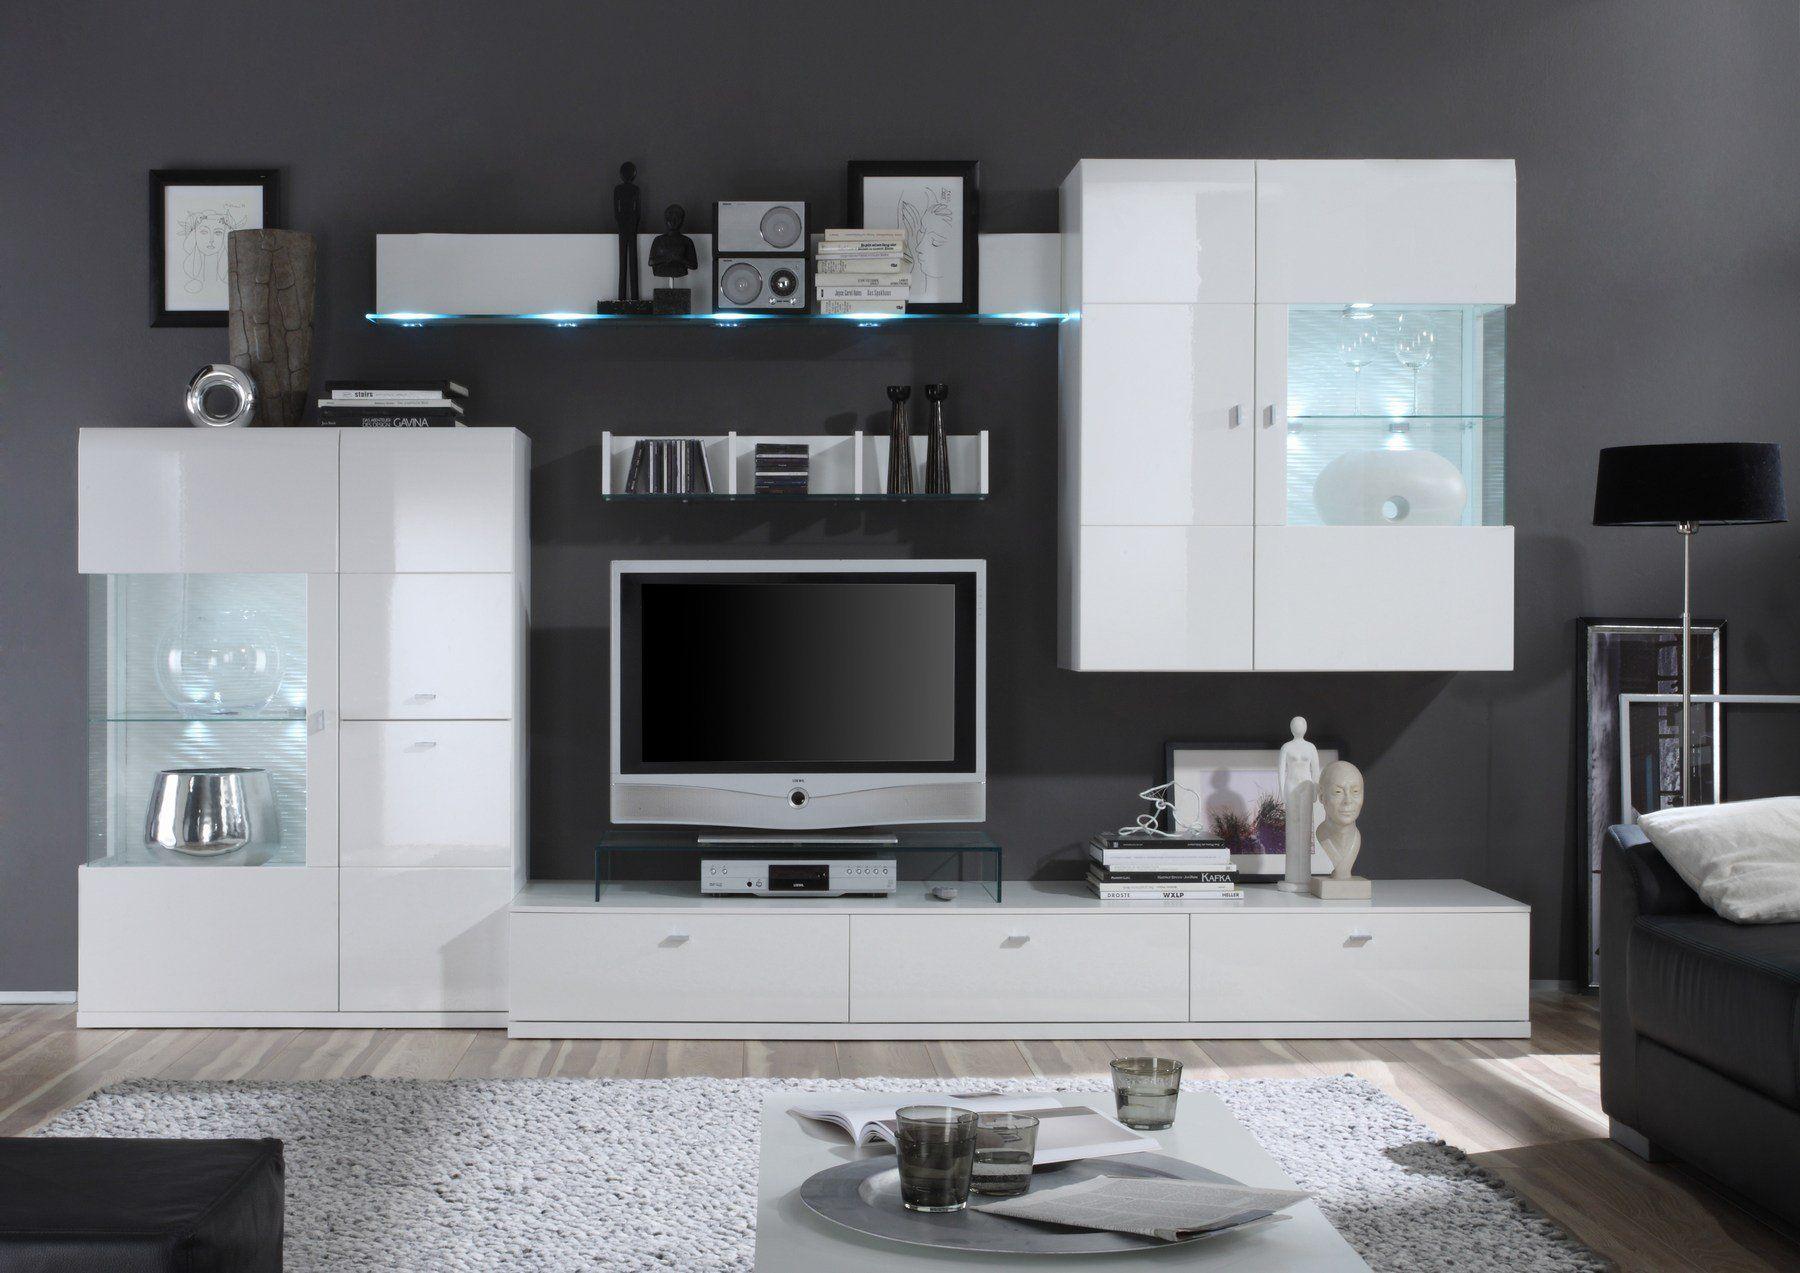 Tolle wohnwand weiß lack -  Graue wände wohnzimmer, Möbel